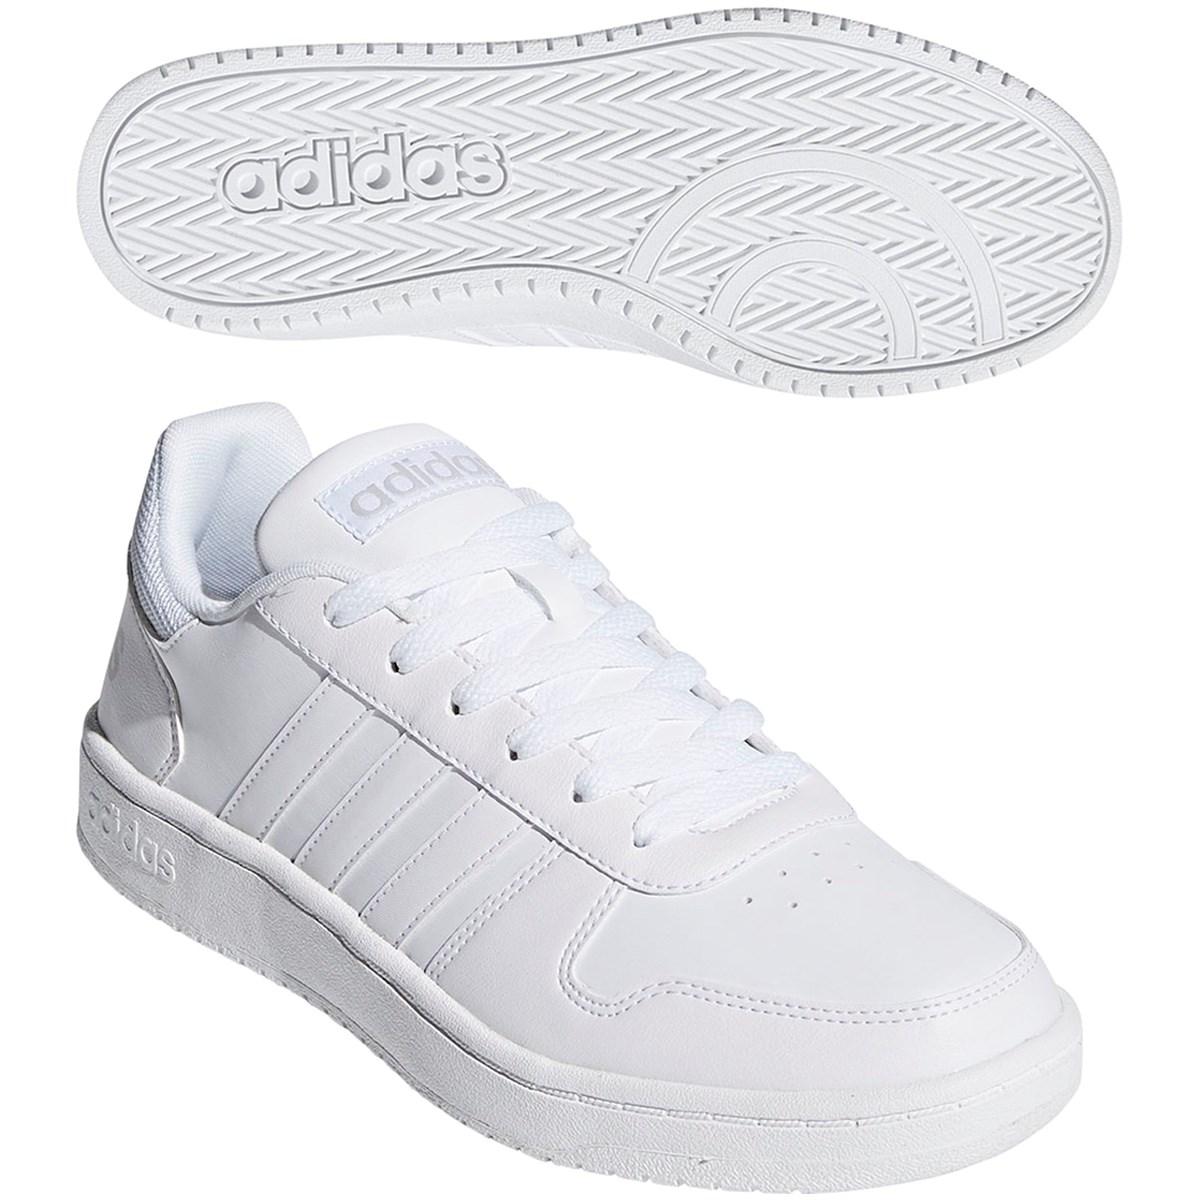 アディダス(adidas) アディフープス2.0 シューズ